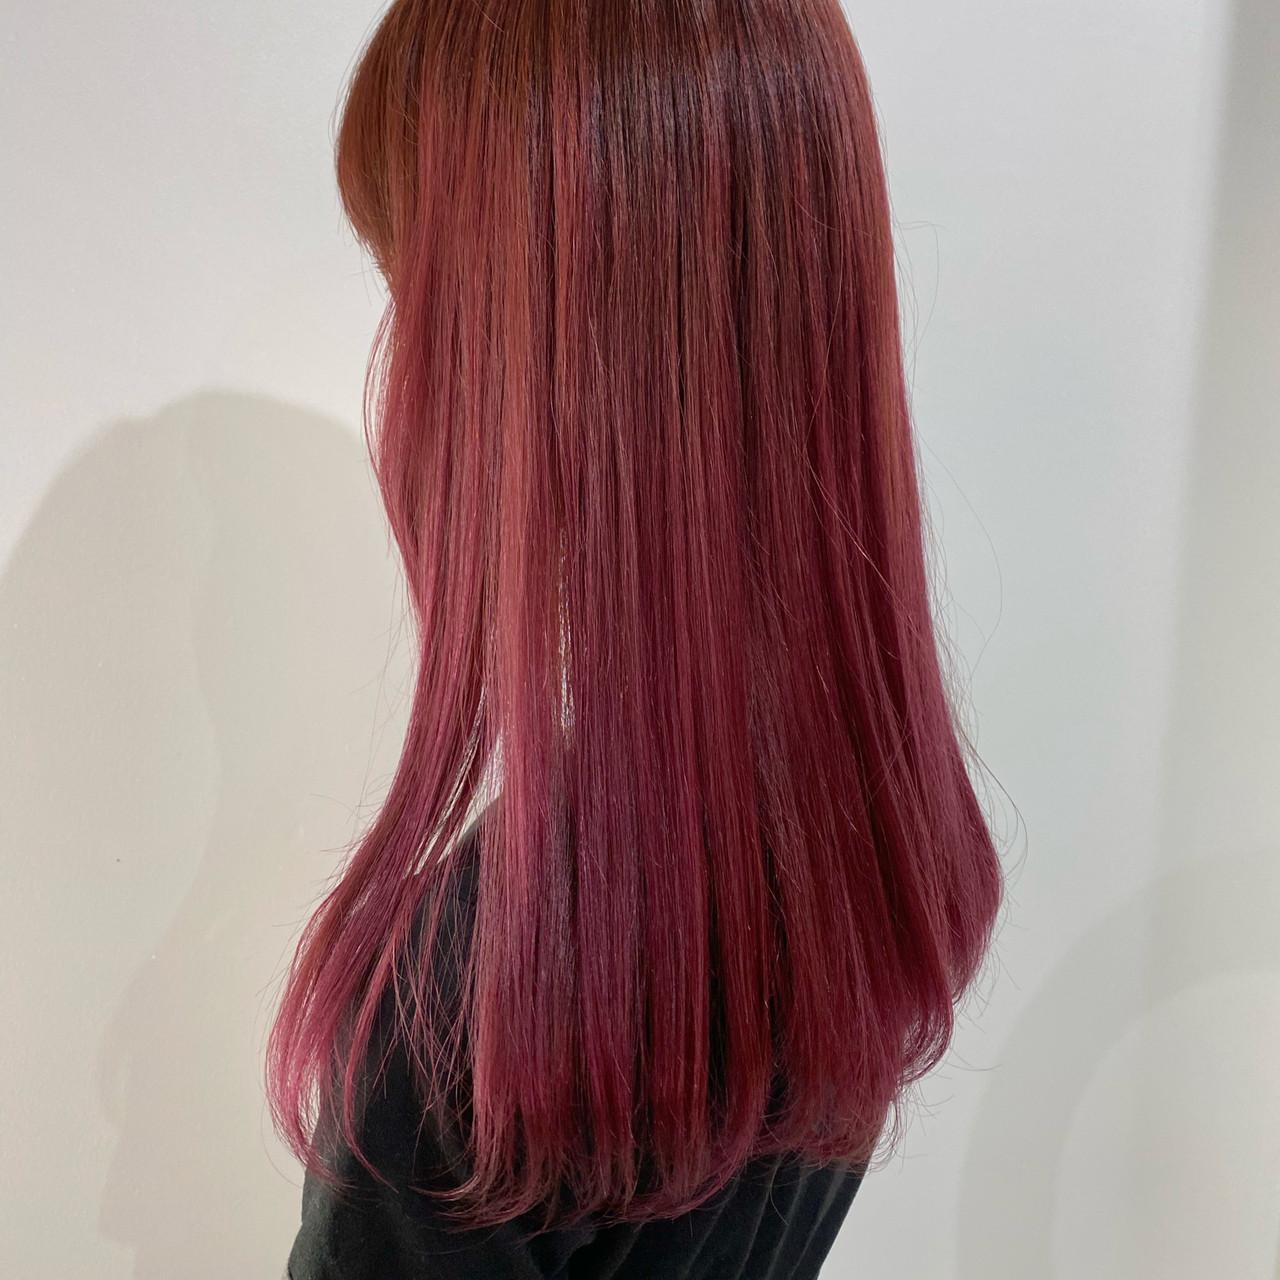 ベリーピンク ロング ラベンダーピンク ピンクアッシュヘアスタイルや髪型の写真・画像